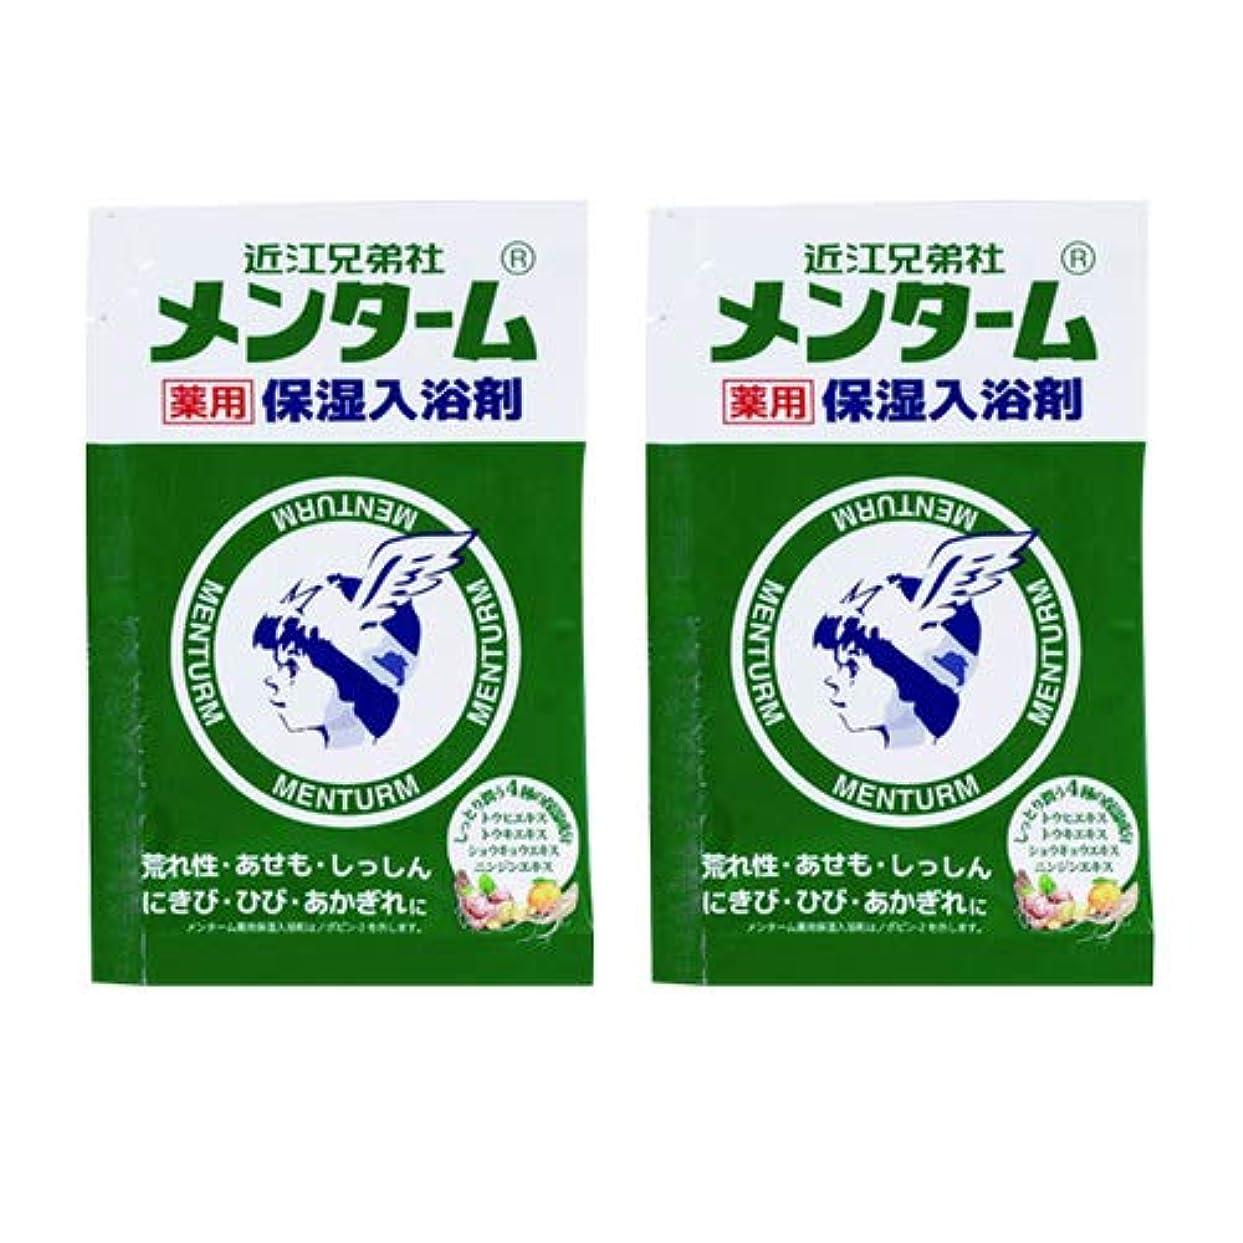 反論間違い揮発性近江兄弟社 メンターム 薬用 保湿入浴剤 25g×2個セット